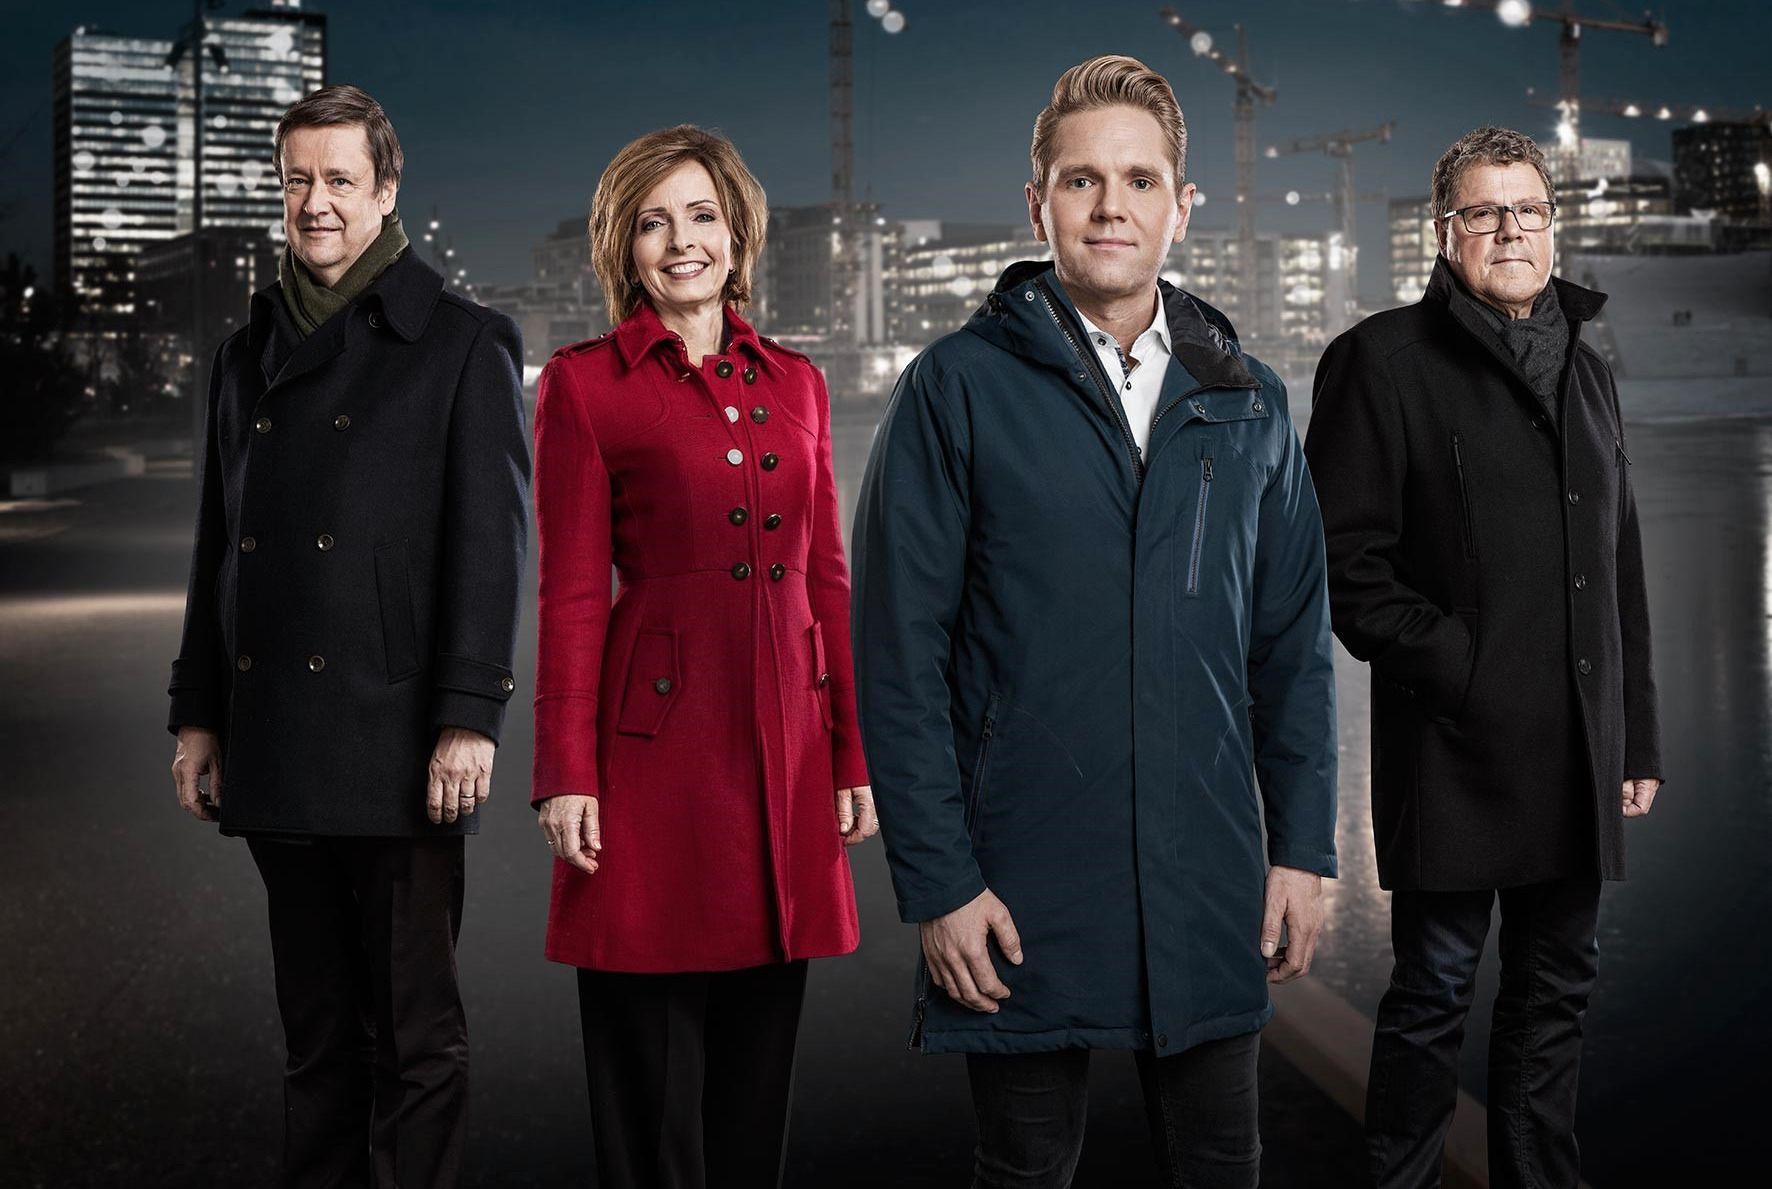 RUSTET SEG TIL KAMP: TV 2 flyttet på «Åsted Norge» og rustet seg til kamp mot TVNorge og «Mandagsklubben» i går.